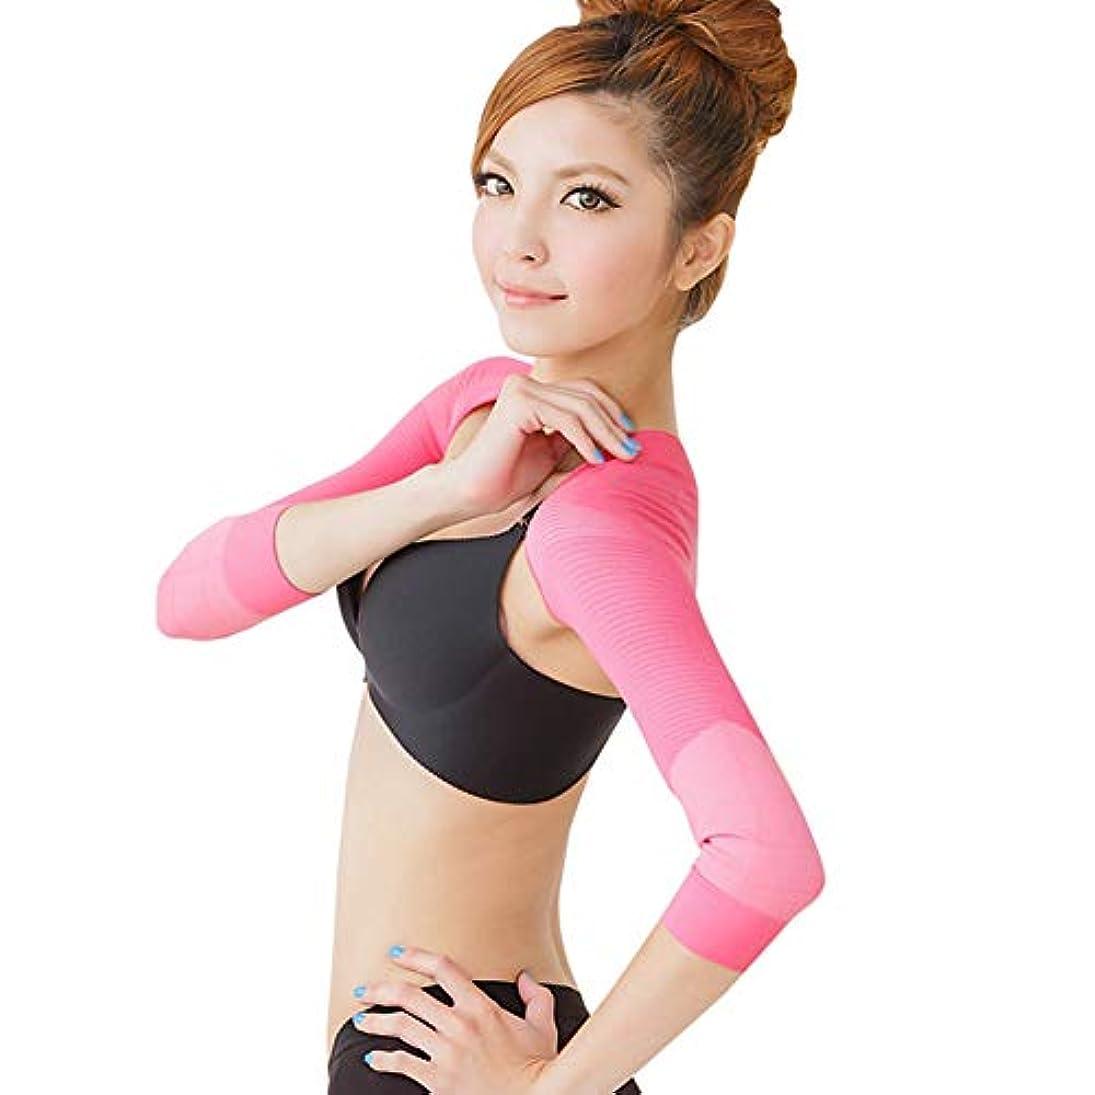 バッジ注釈を付けるマーティンルーサーキングジュニアIYUNYI 女性 姿勢 矯正 二の腕シェイプケア 猫背矯正 肩サポーター 補正下着 補正インナー 二の腕痩せ 二の腕シェイパー (ピンク, XL)